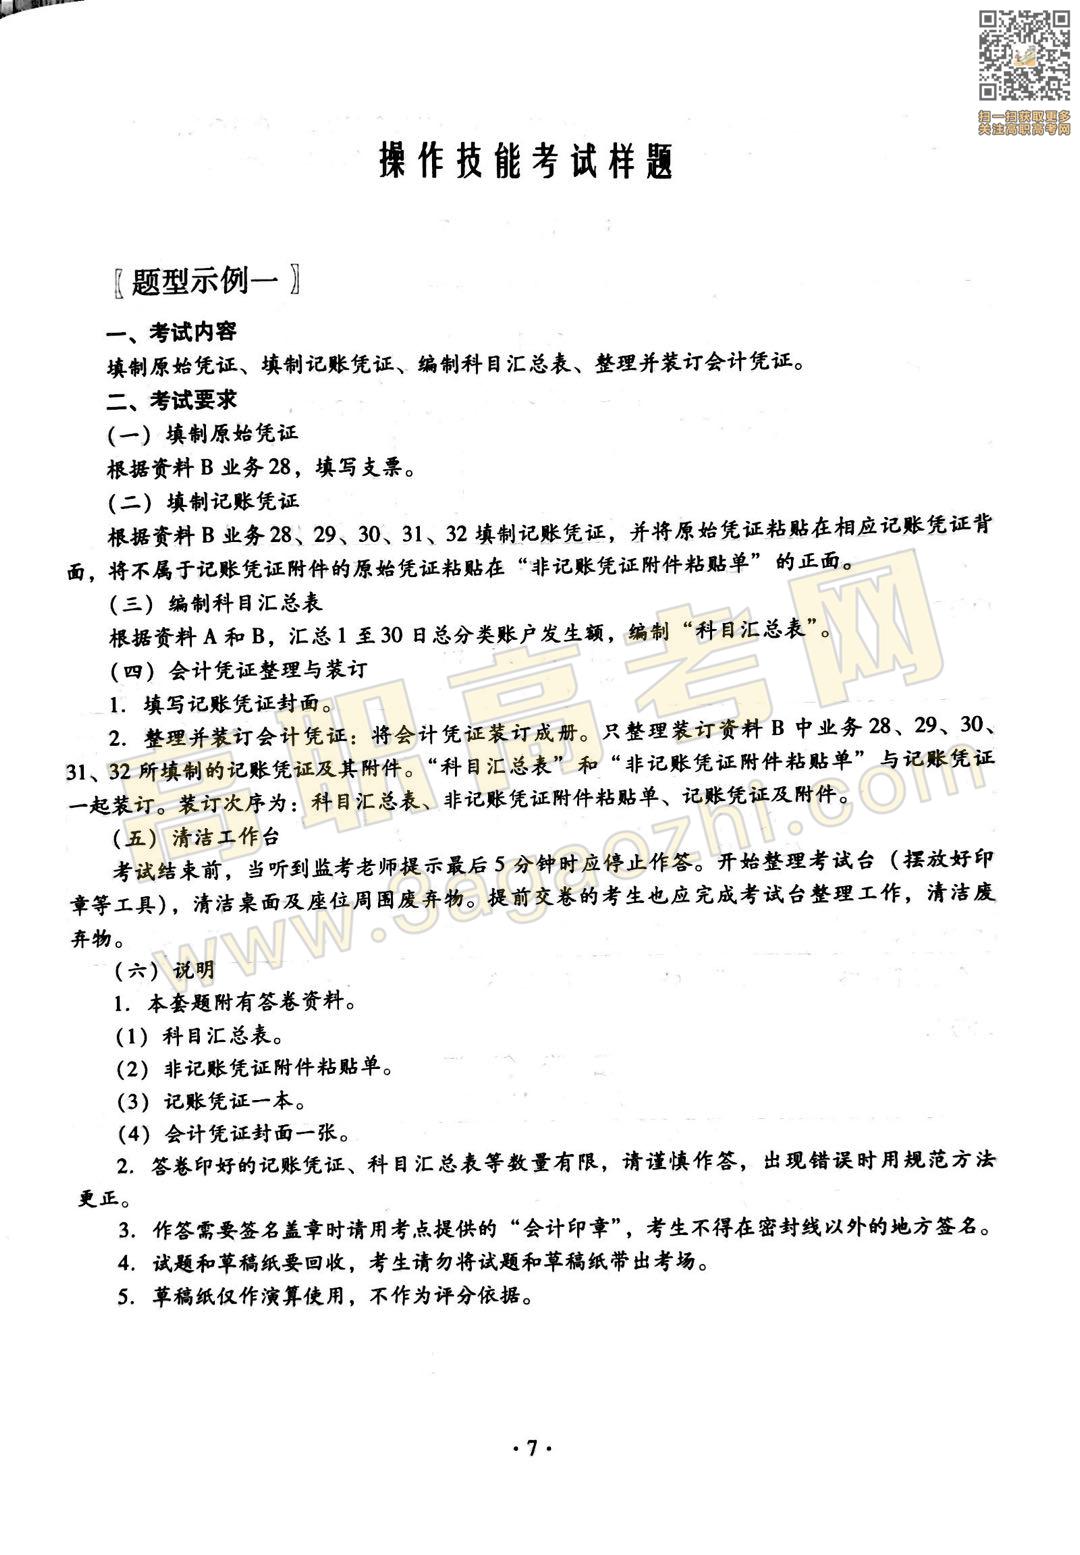 会计证书,2020年广东中职技能课程考试大纲及样题